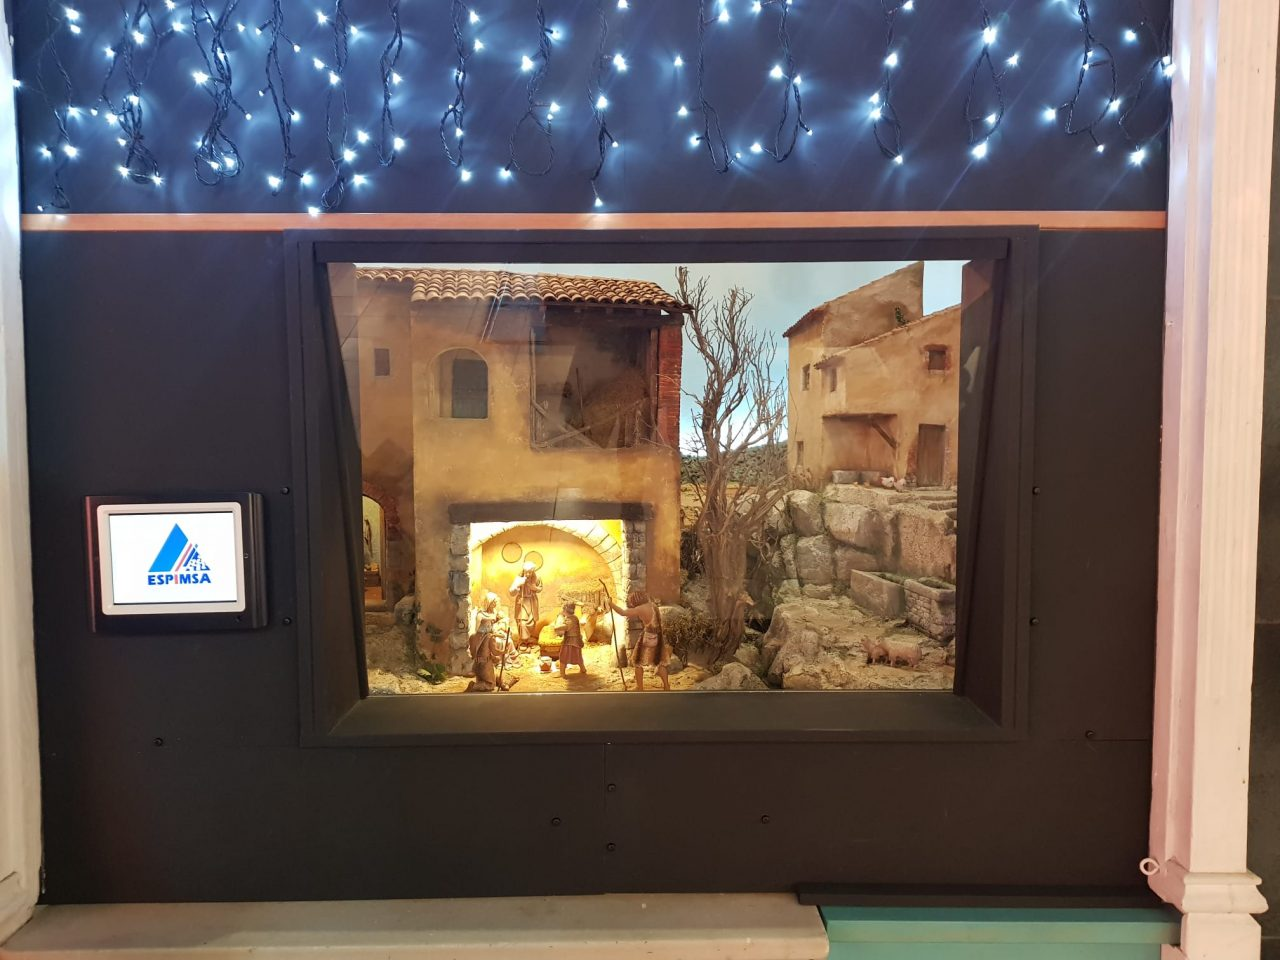 diorama-2019-1280x960.jpeg